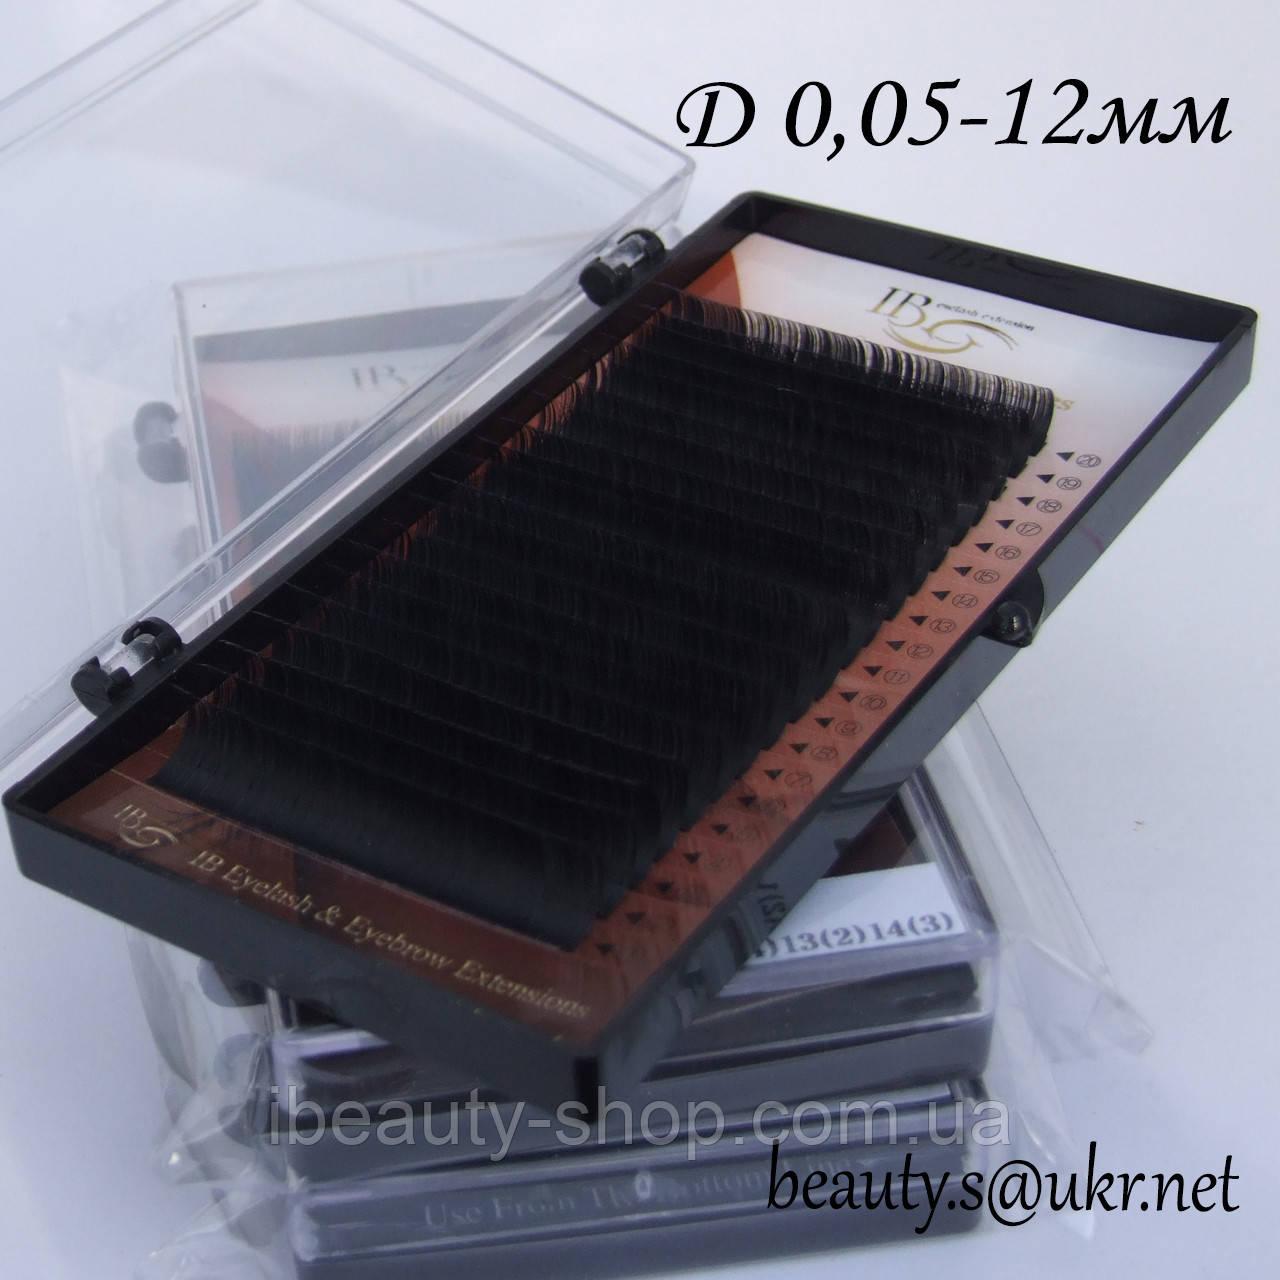 Ресницы  I-Beauty на ленте D-0,05 12мм